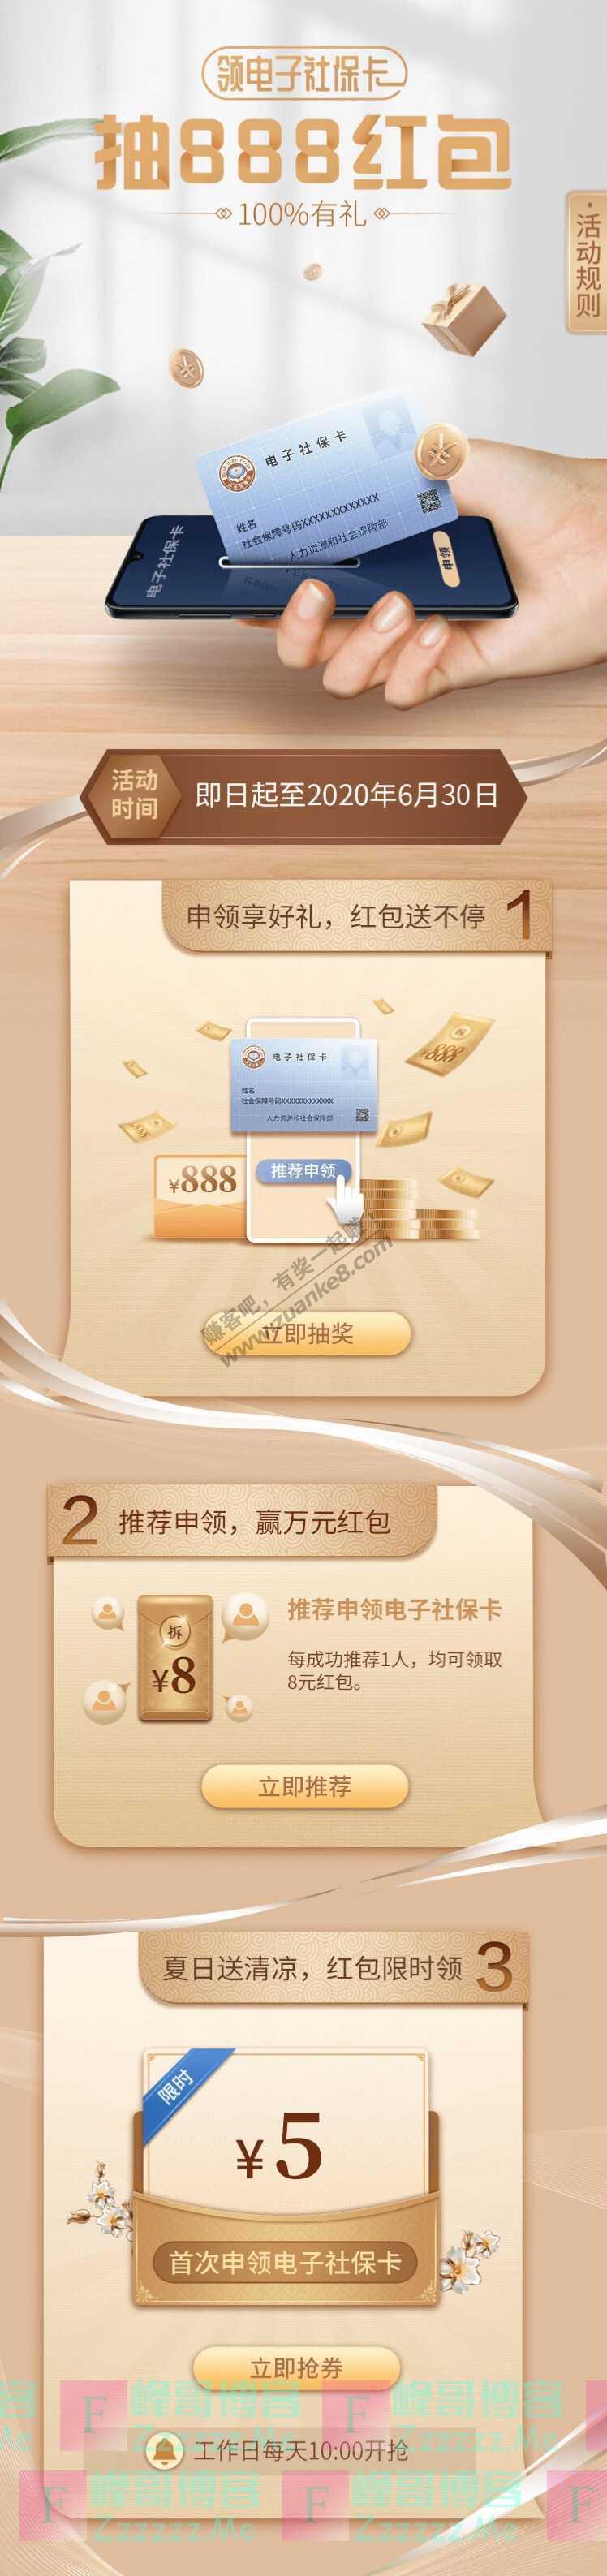 招商银行APP领电子社保卡 抽888红包 100%有礼(6月30日截止)